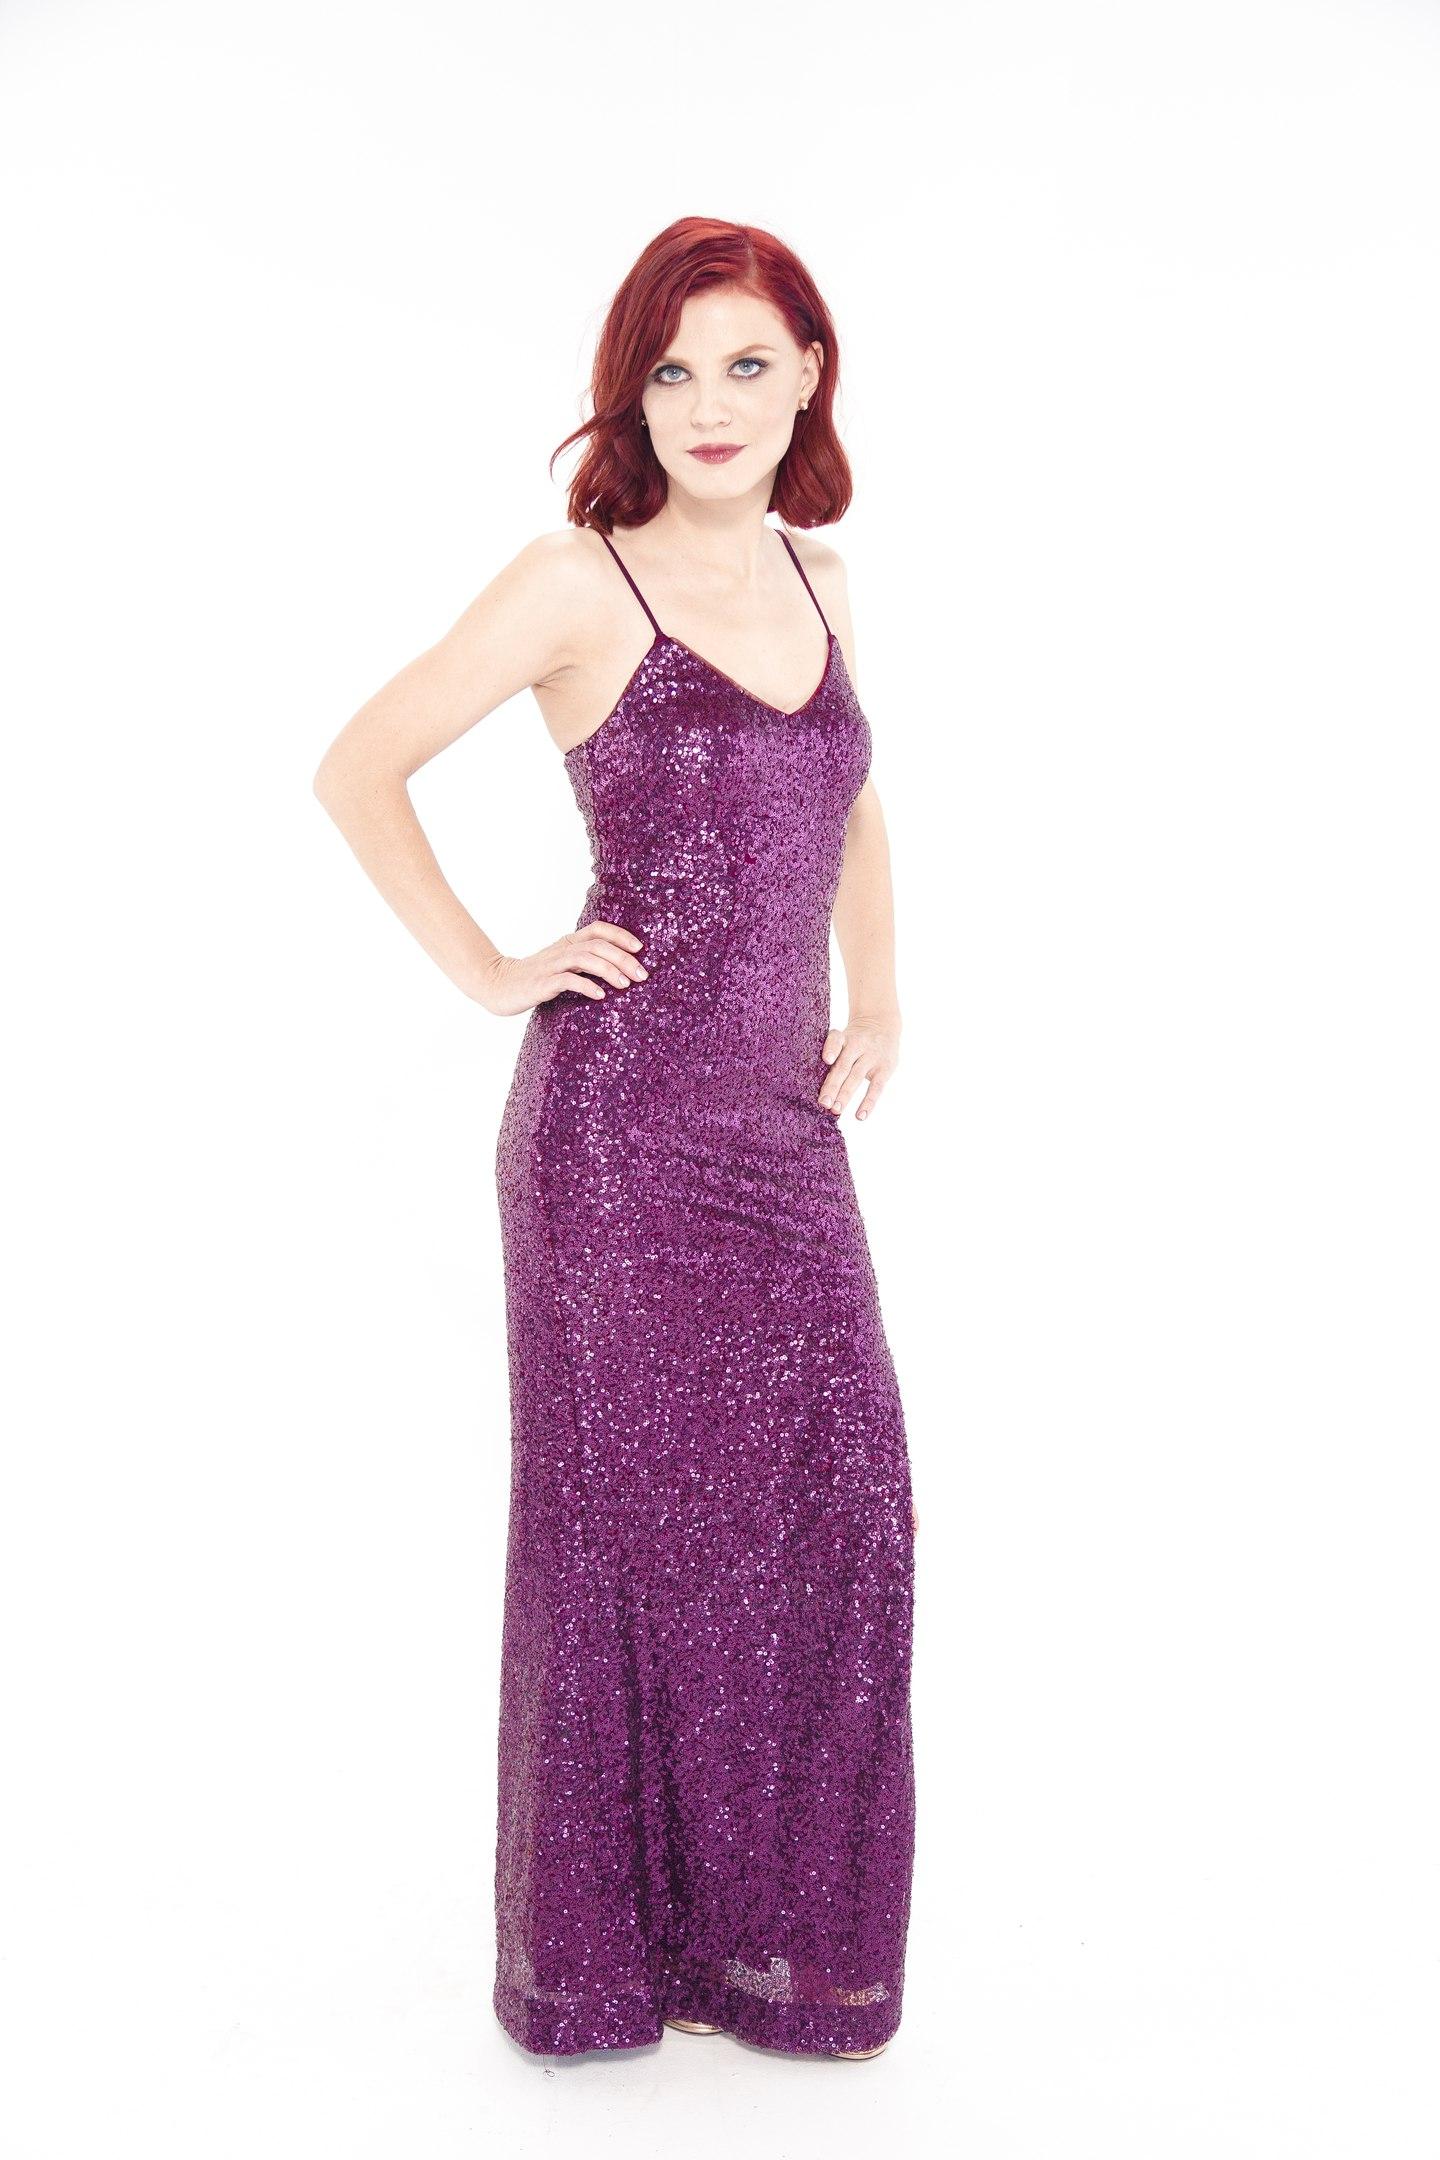 Яна участница ТНТ Перезагрузка в красном платье